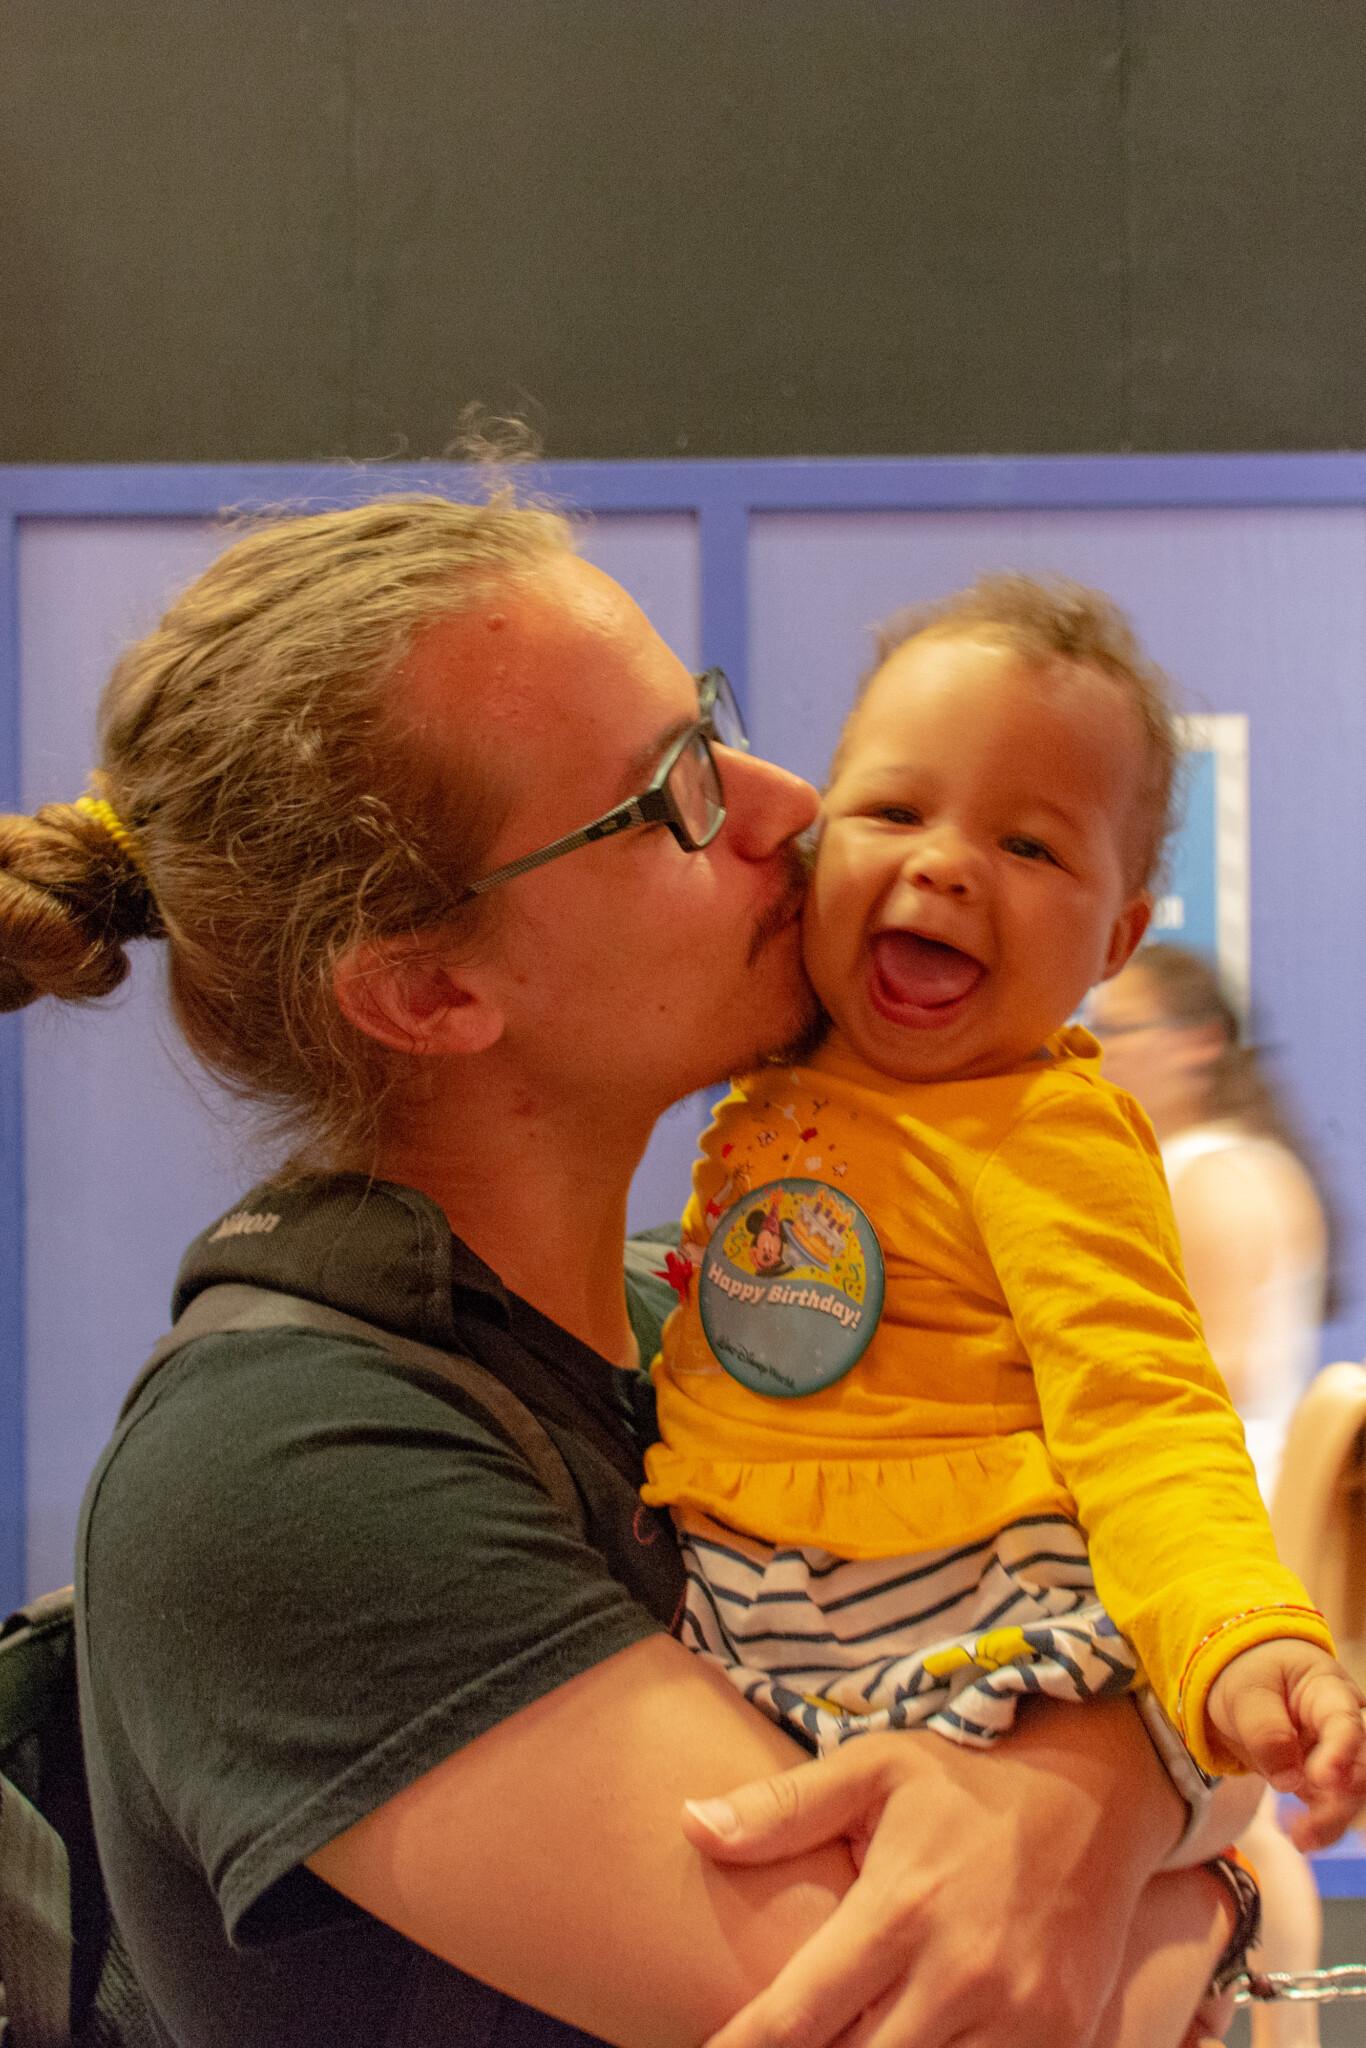 2 semaines en Floride avec un bébé de 1 an - Séjour du 2 au 16 mai 2019 DCL + WDW - Page 17 DSC_8392-1366x2048